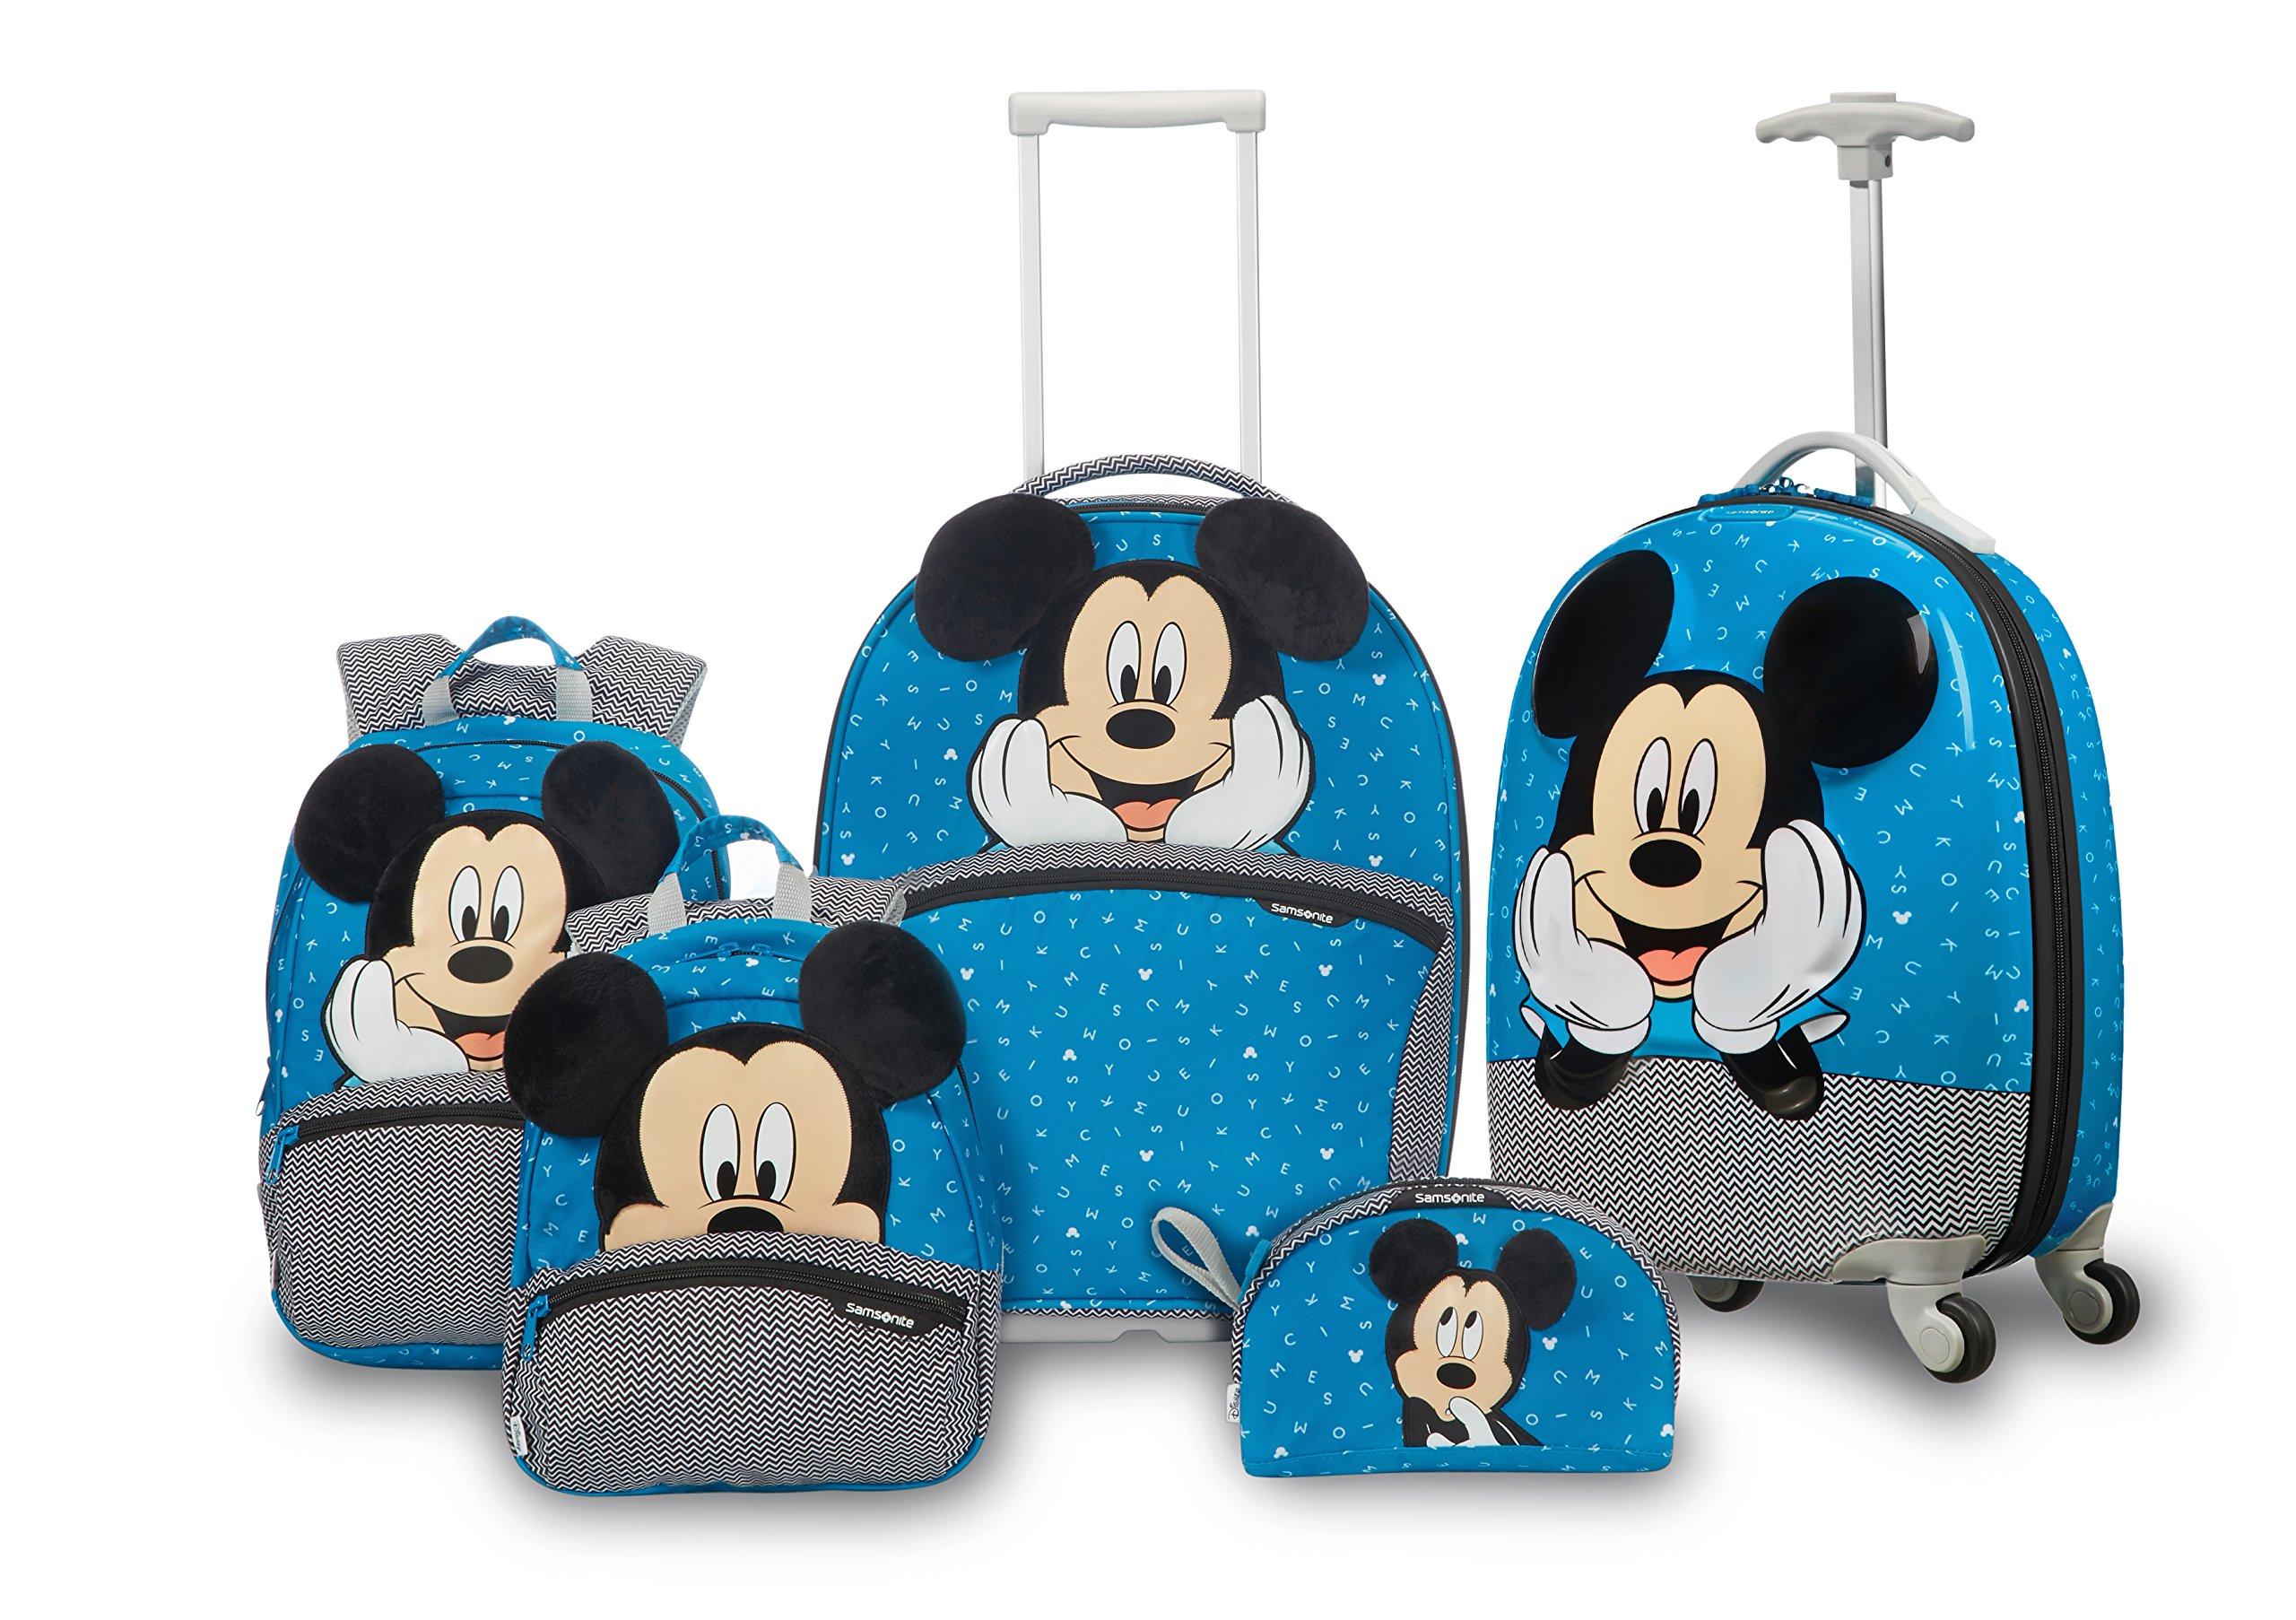 0f6699cf2b SAMSONITE Disney Ultimate 2.0 - Backpack Small - Face Shop